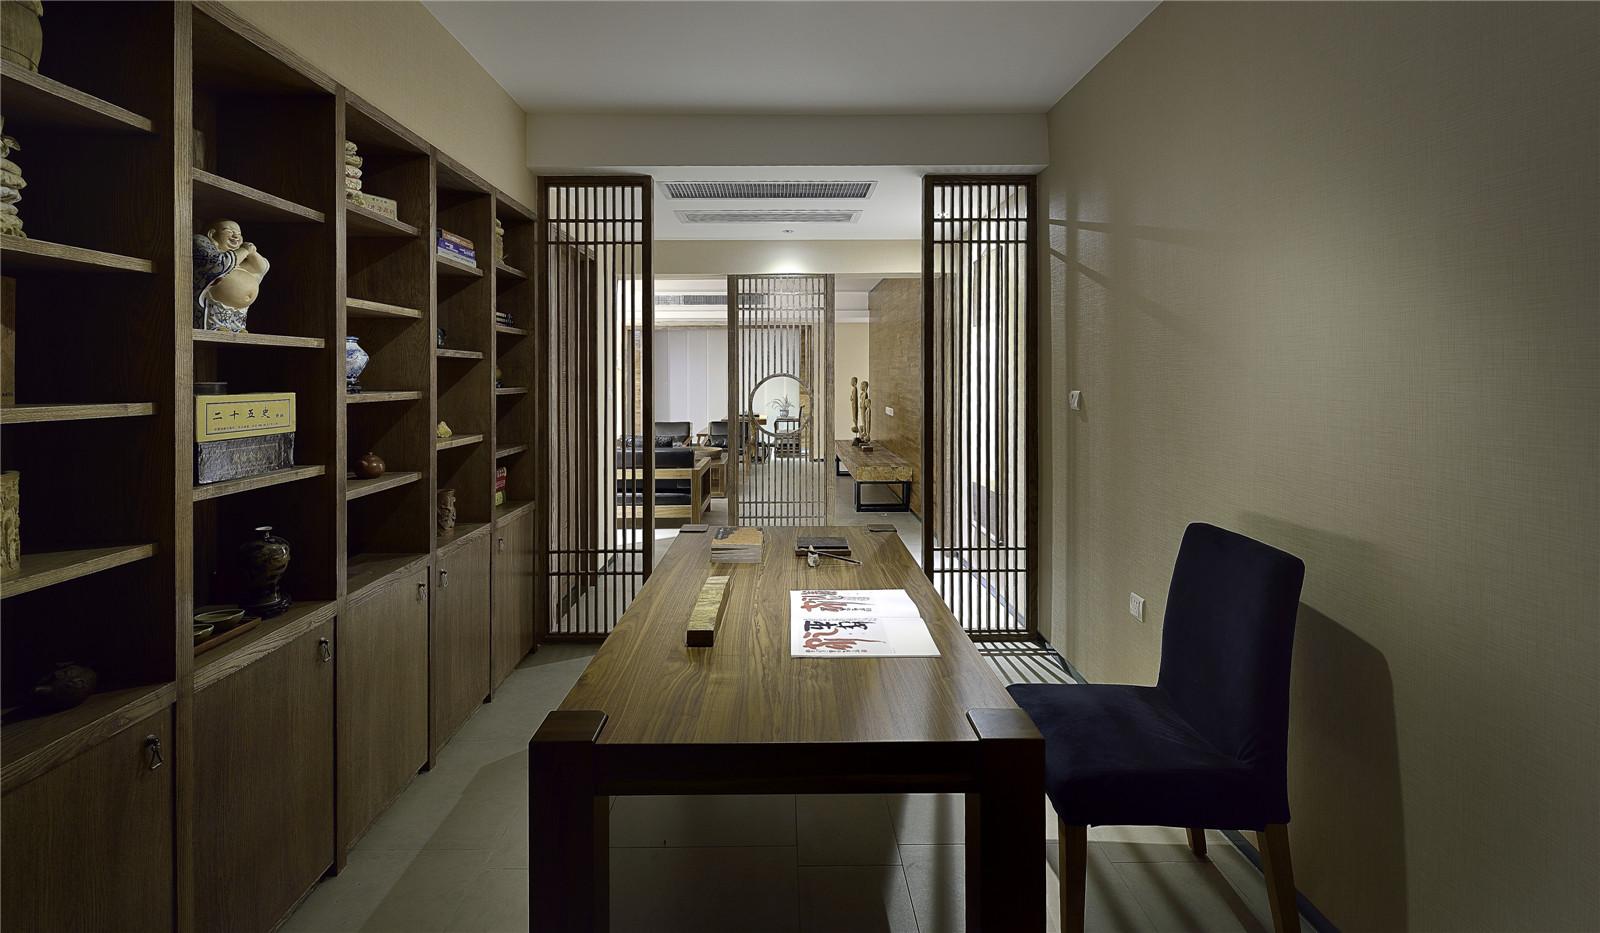 二居 旧房改造 新中式风格 北京装修 装修效果图 书房图片来自爱尚易格装饰在爱尚易格海淀区惠普南里的分享